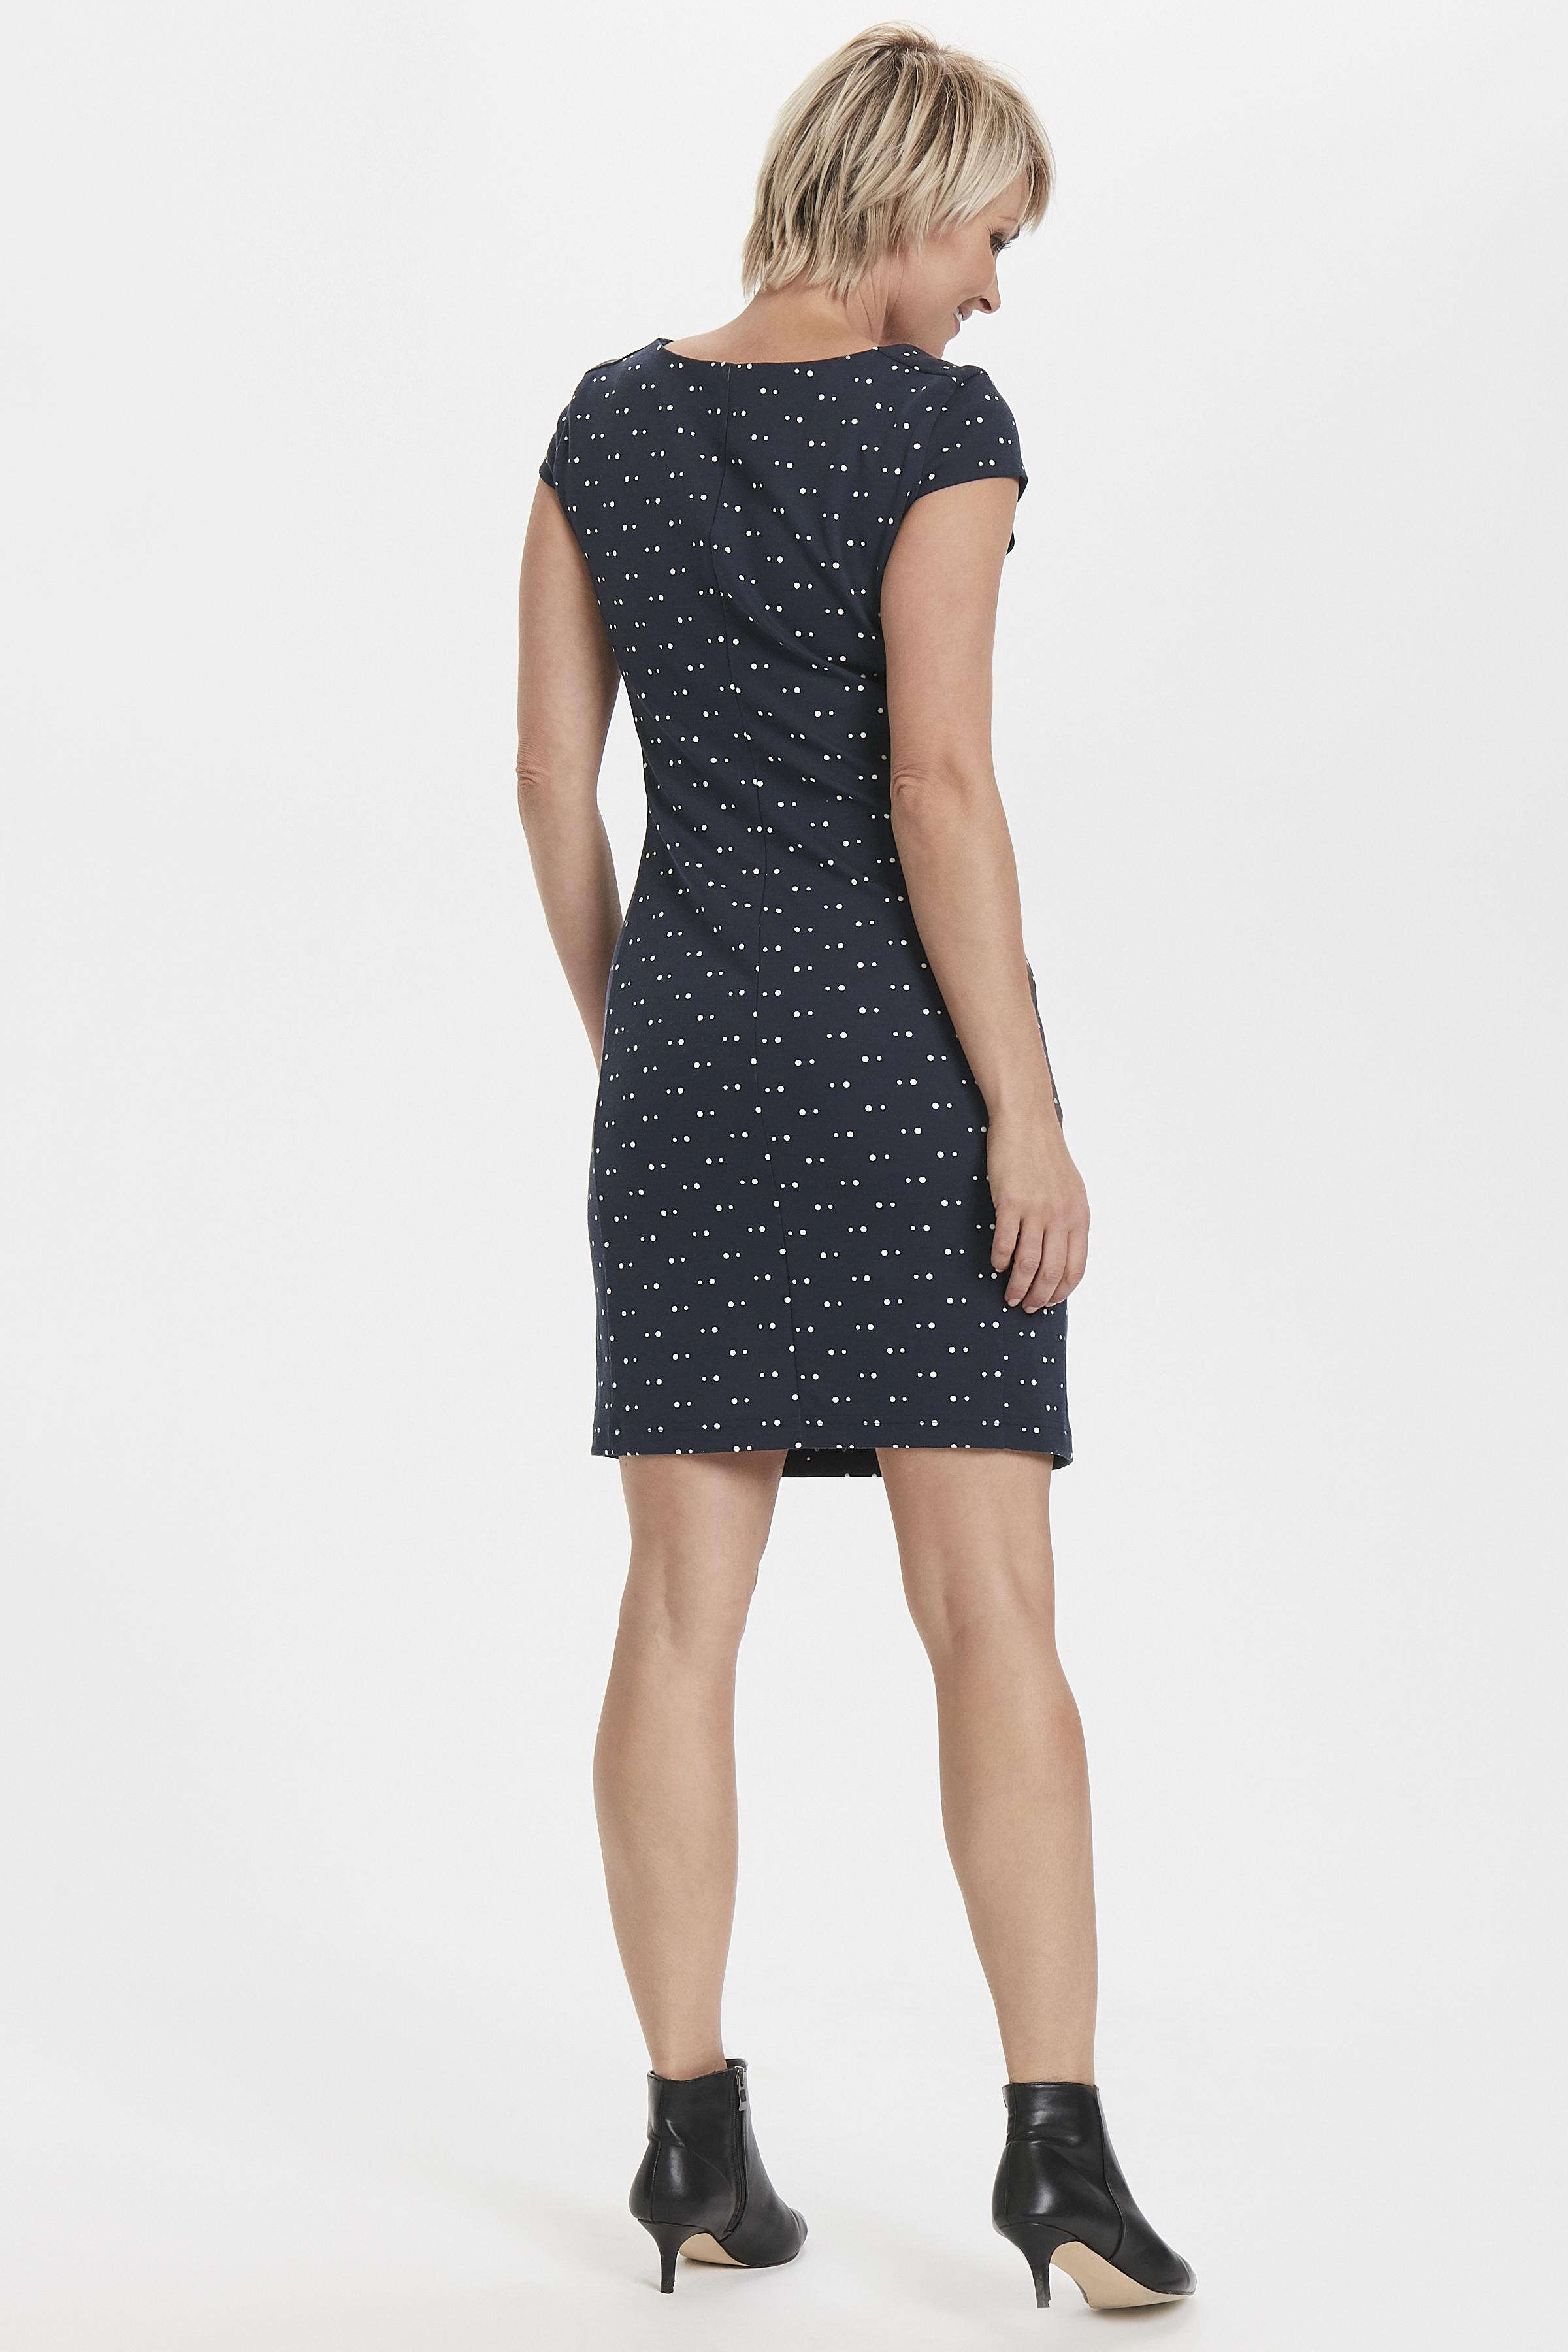 Marineblau/wollweiß Kleid von Kaffe – Shoppen Sie Marineblau/wollweiß Kleid ab Gr. XS-XXL hier